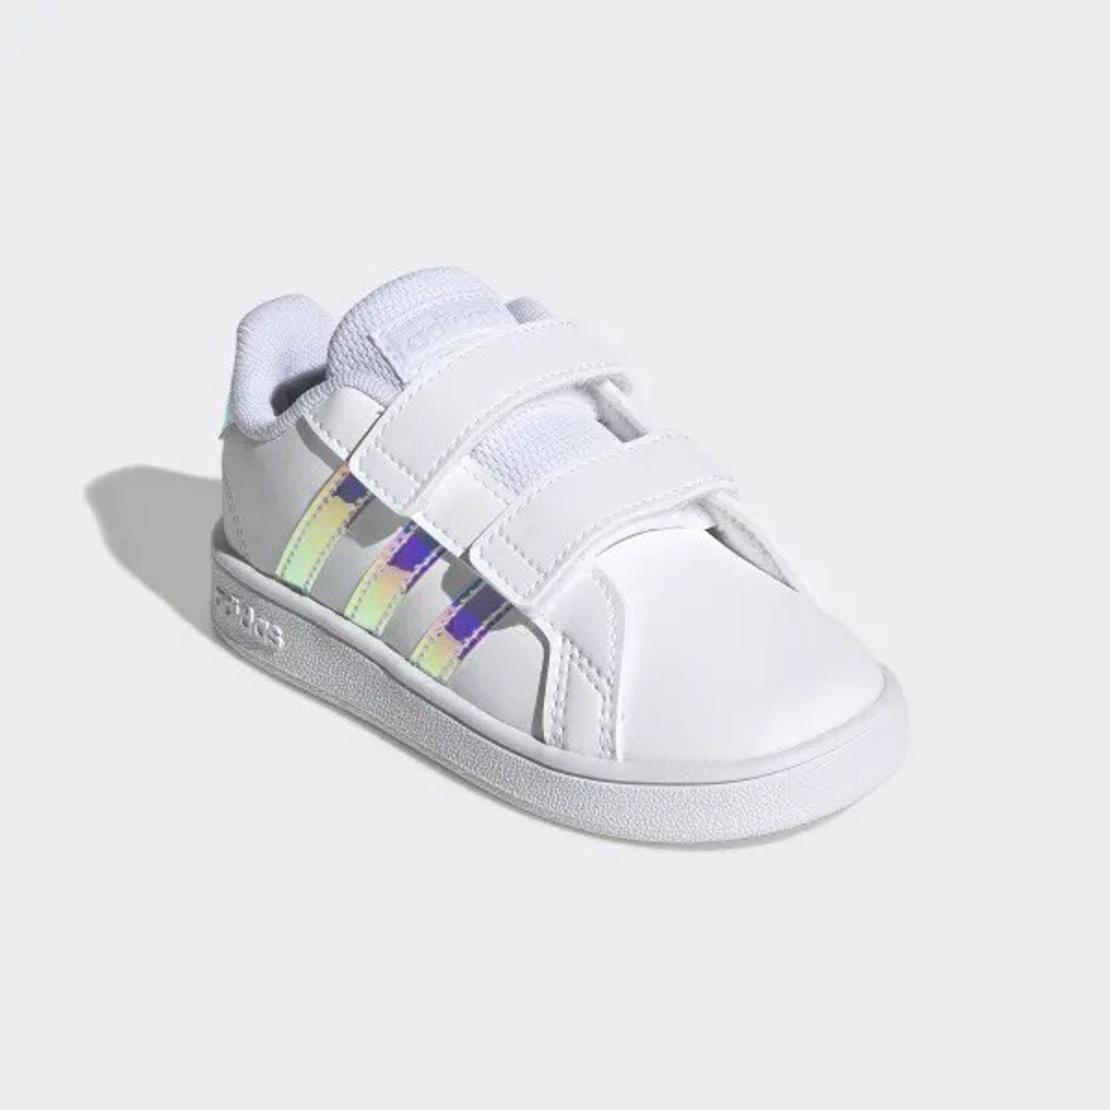 נעלי אדידס תינוקות | Adidas Grand Court I